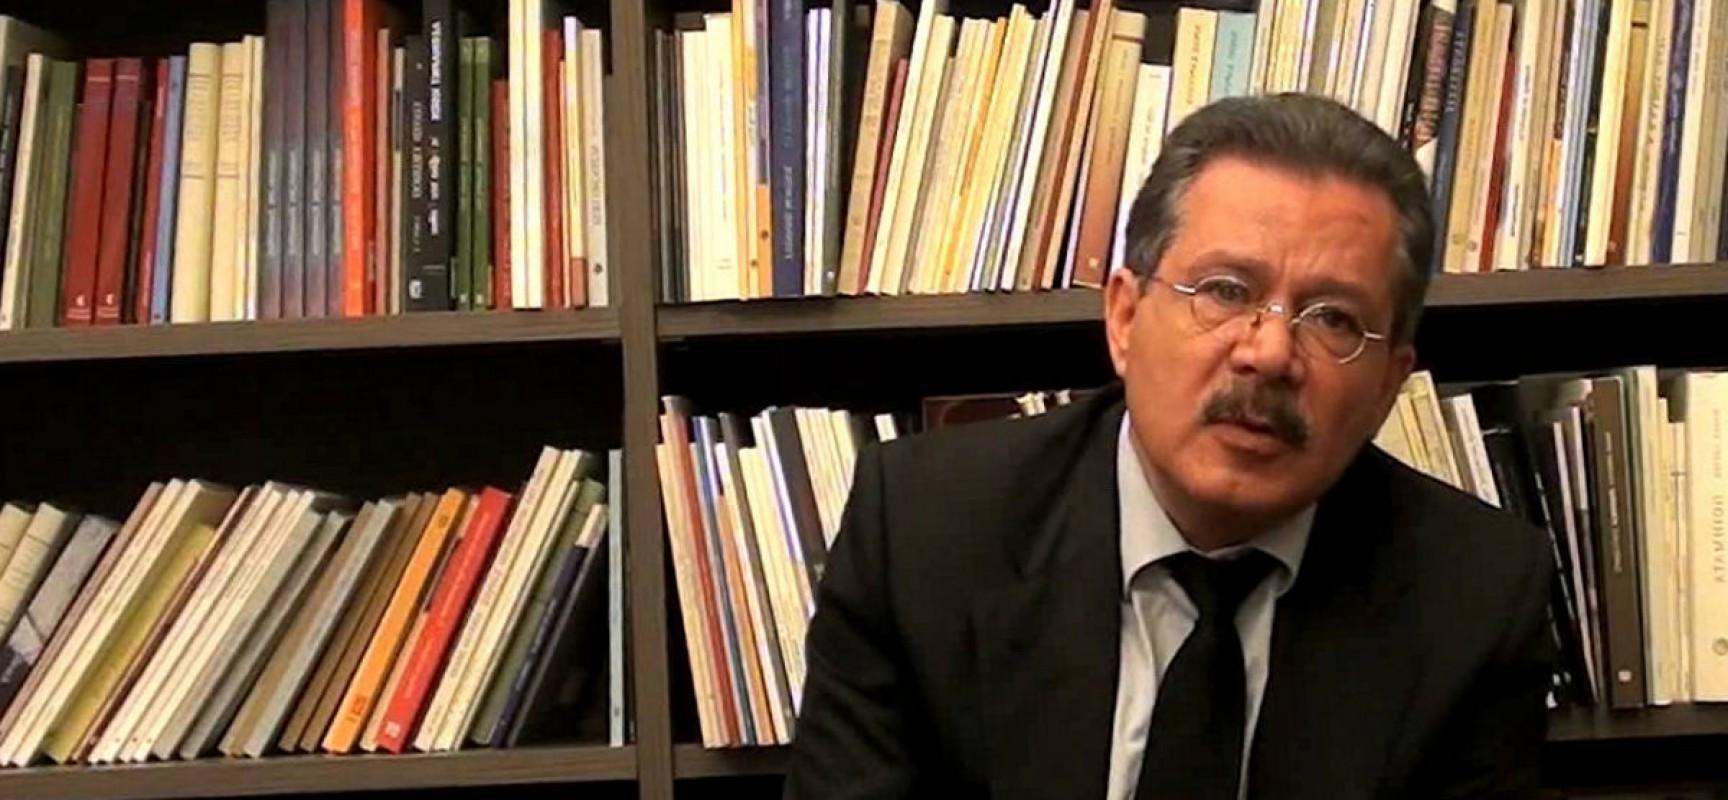 Διπλή εκδήλωση-ομιλία στους Σοφάδες με καλεσμένο τον Πανεπιστημιακό καθηγητή και συγγραφέα κ. Δ. Μπουραντά